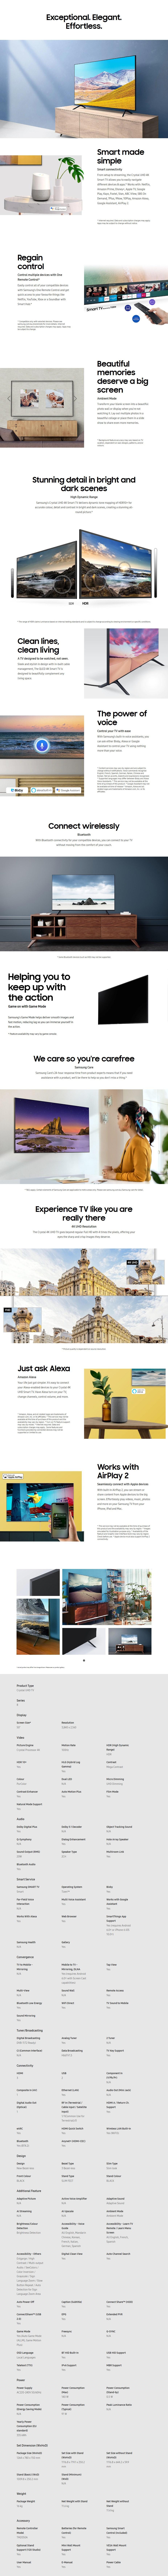 """Samsung Series 8 TU8000 Crystal 50"""" 120Hz 4K UHD Smart LED TV - 2020 Model - Overview 1"""